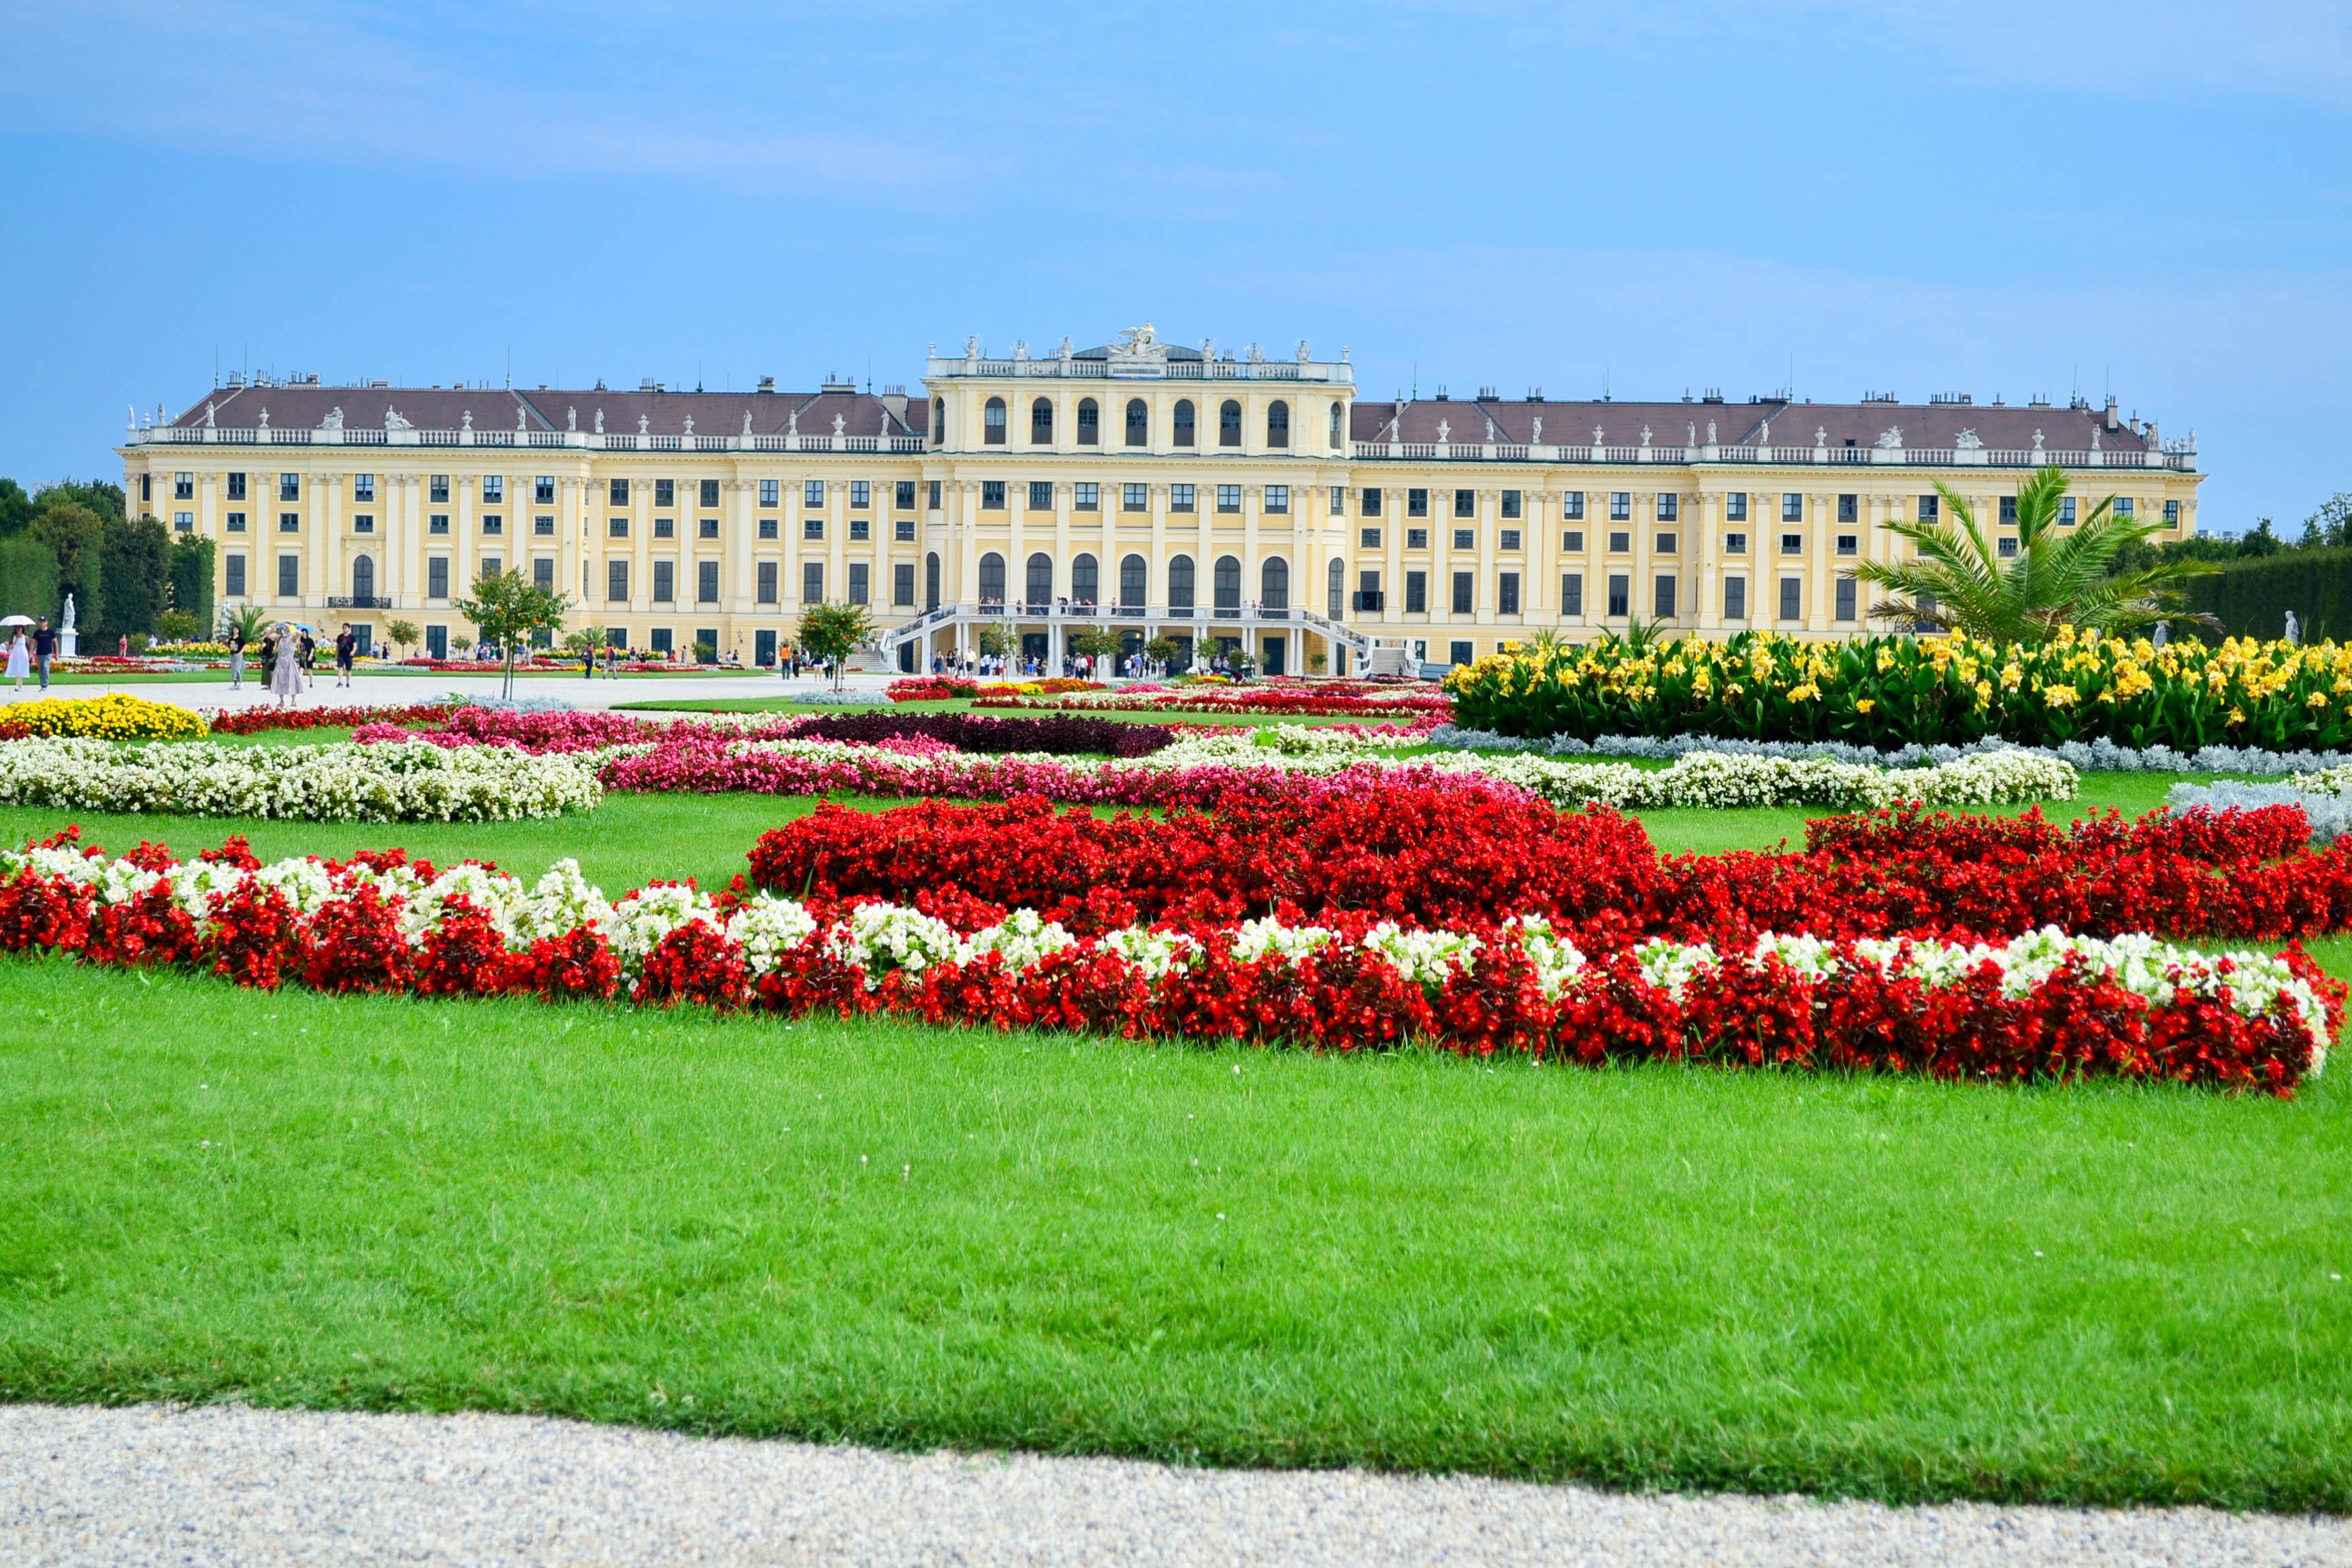 Австрія Відень палац